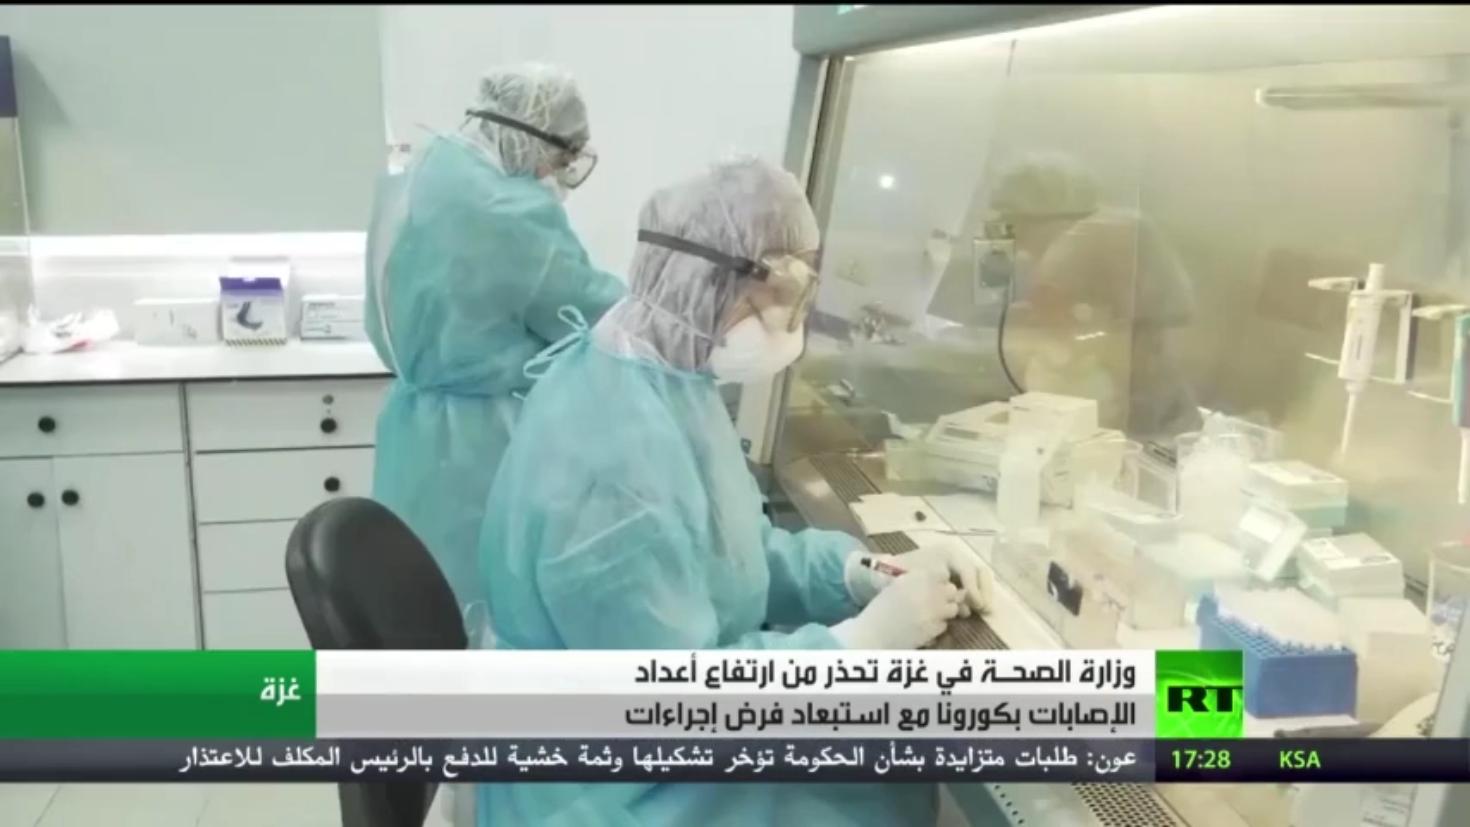 وزارة الصحة في غزة تدق ناقوس الخطر مجددا